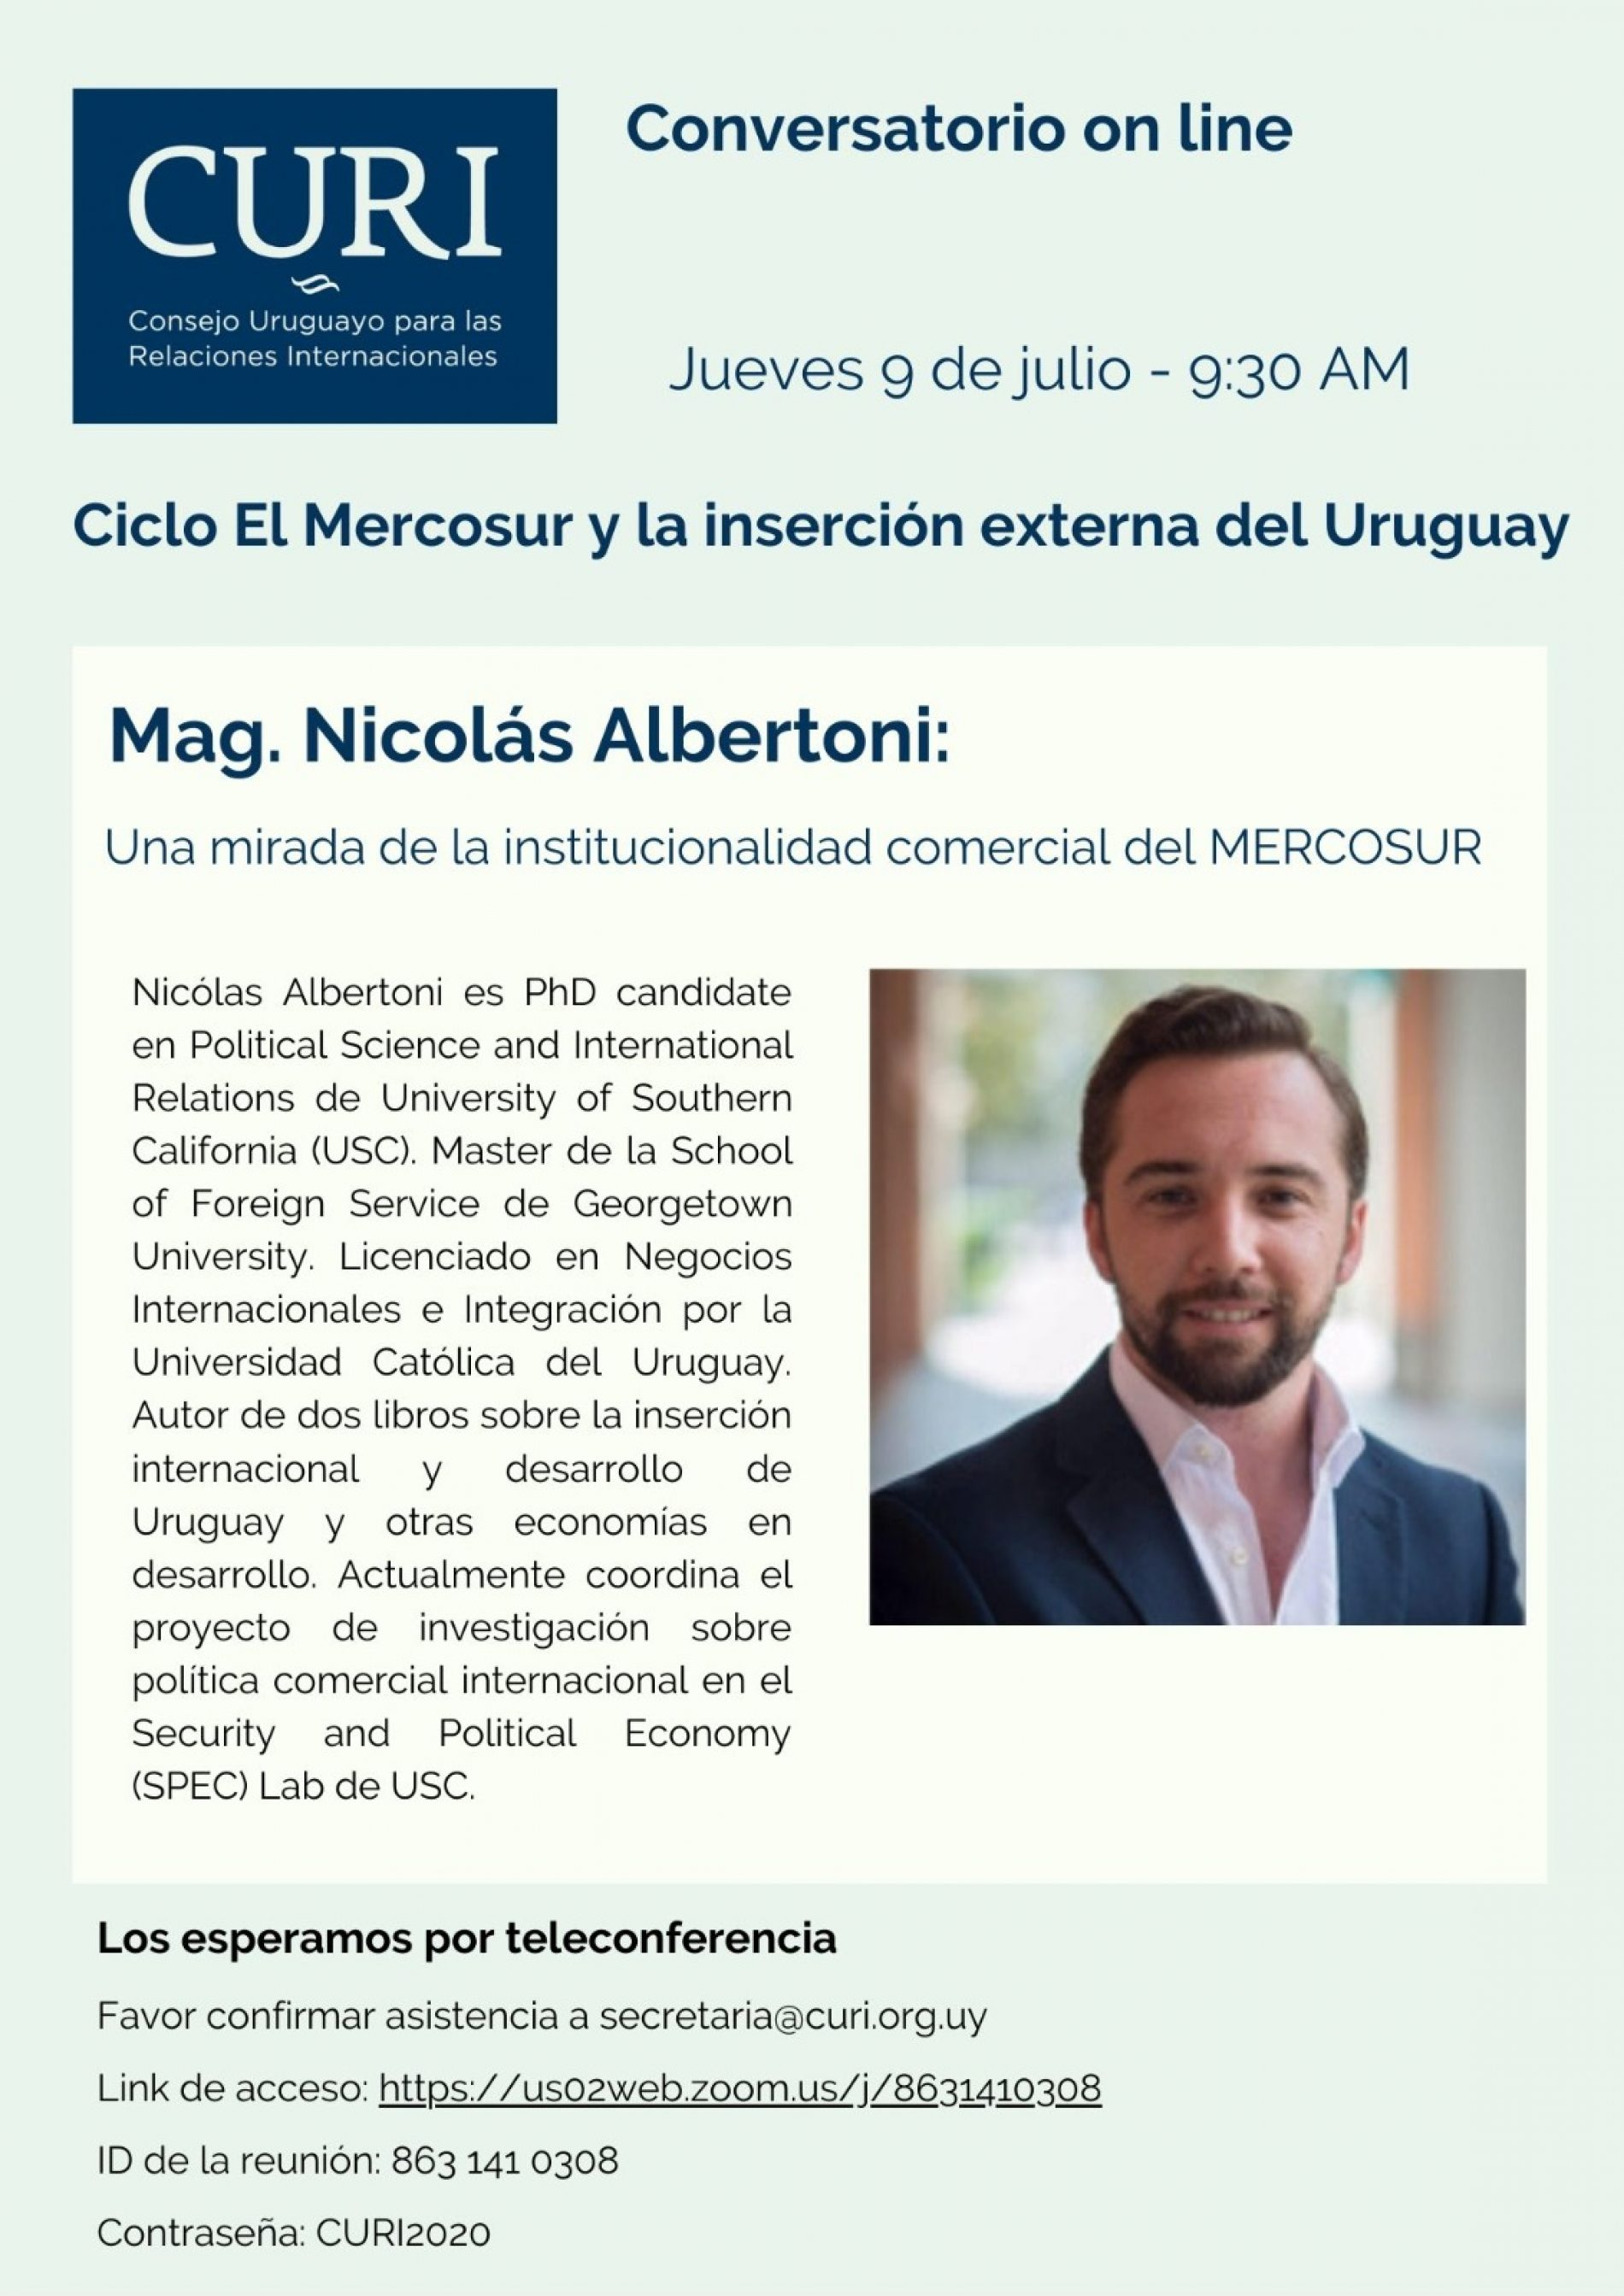 Ciclo El Mercosur con Nicolás Albertoni